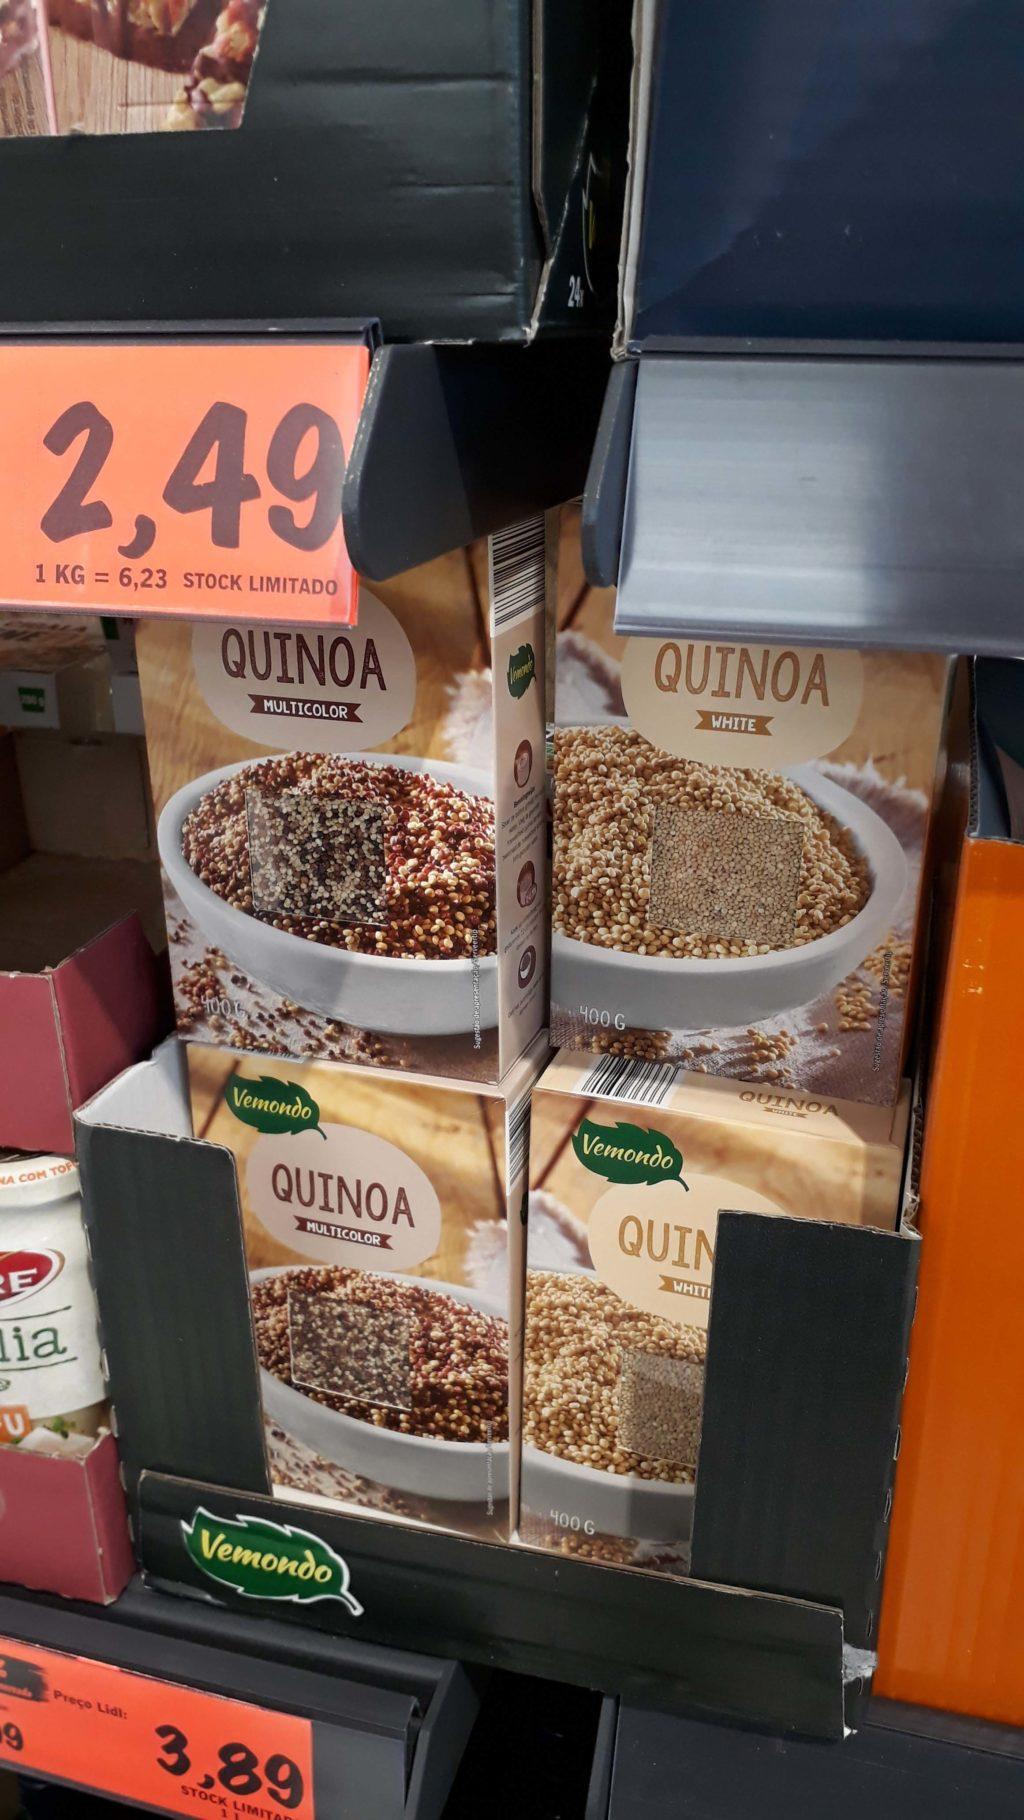 Quinoa, white or multicolor